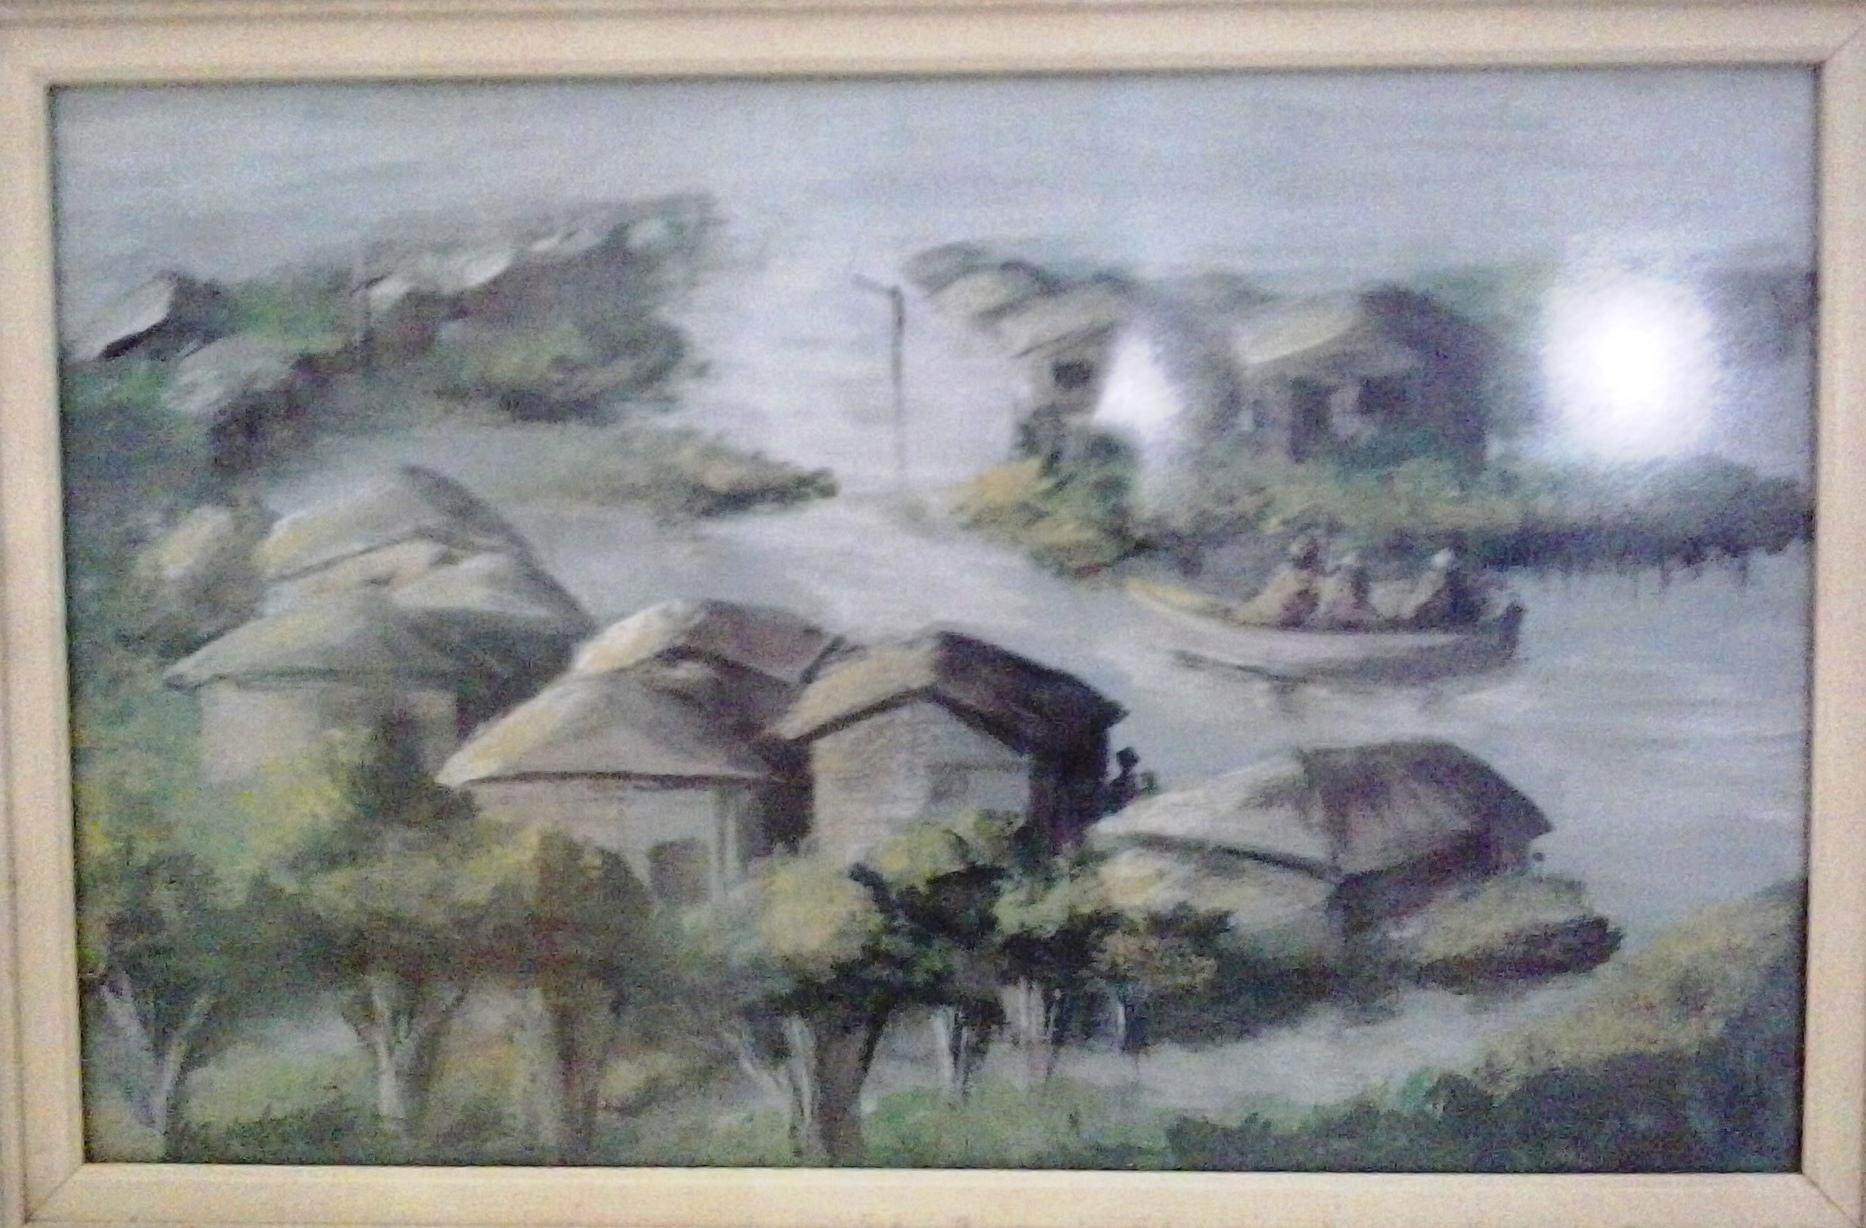 Vitoria Barros - Paisagem de enchete, 2001. 29.5x46.5